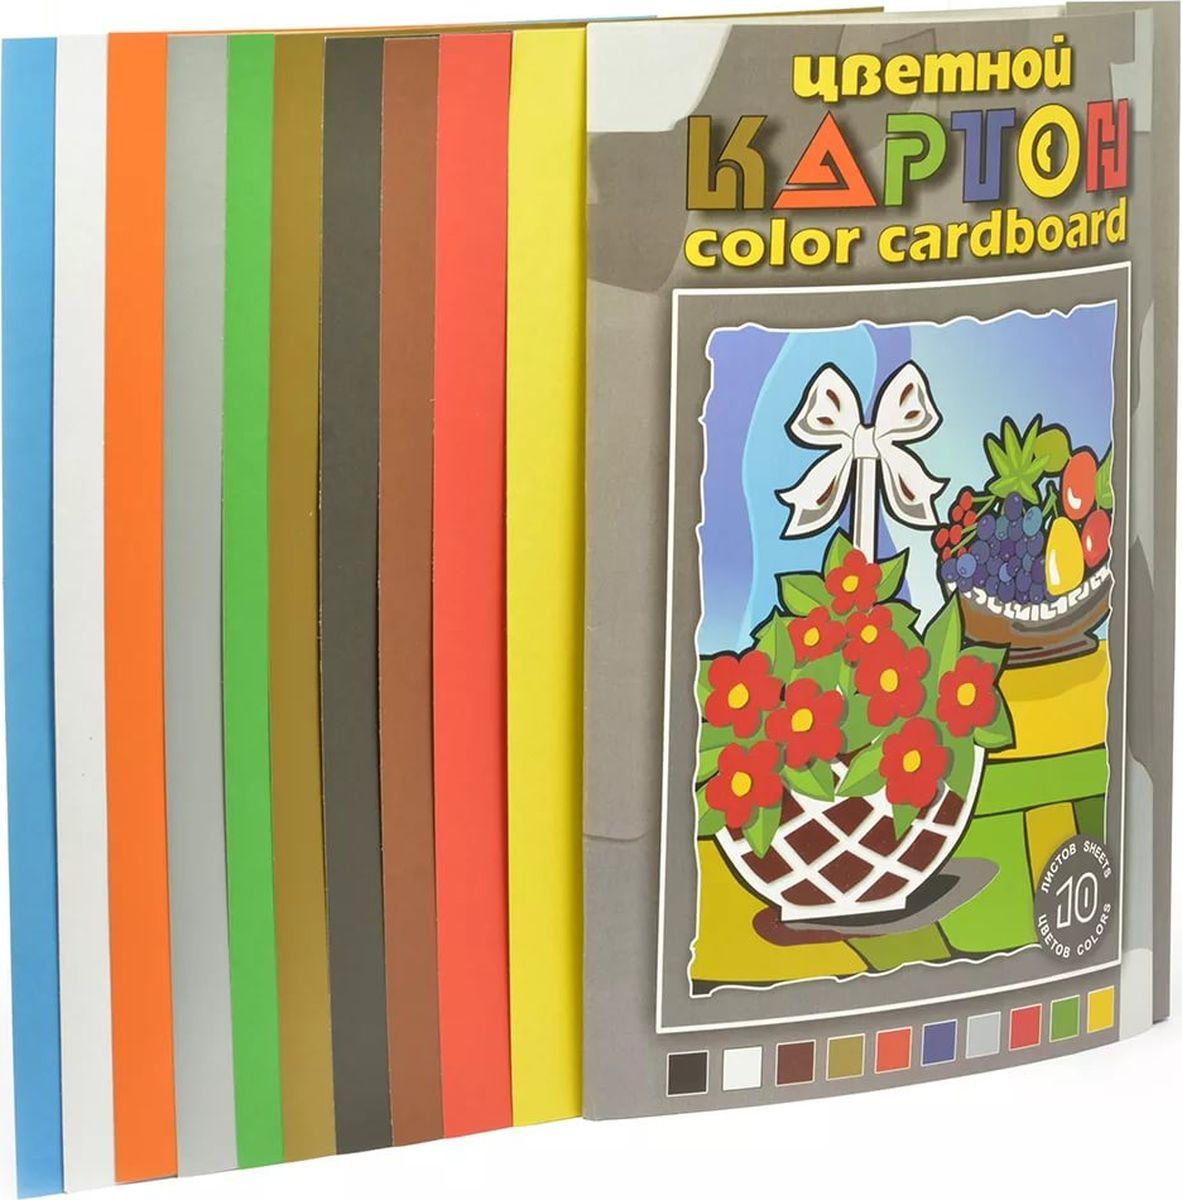 Палаццо Картон цветной Натюрморт 10 листов 10 цветов палаццо картон цветной теремок 10 листов 10 цветов